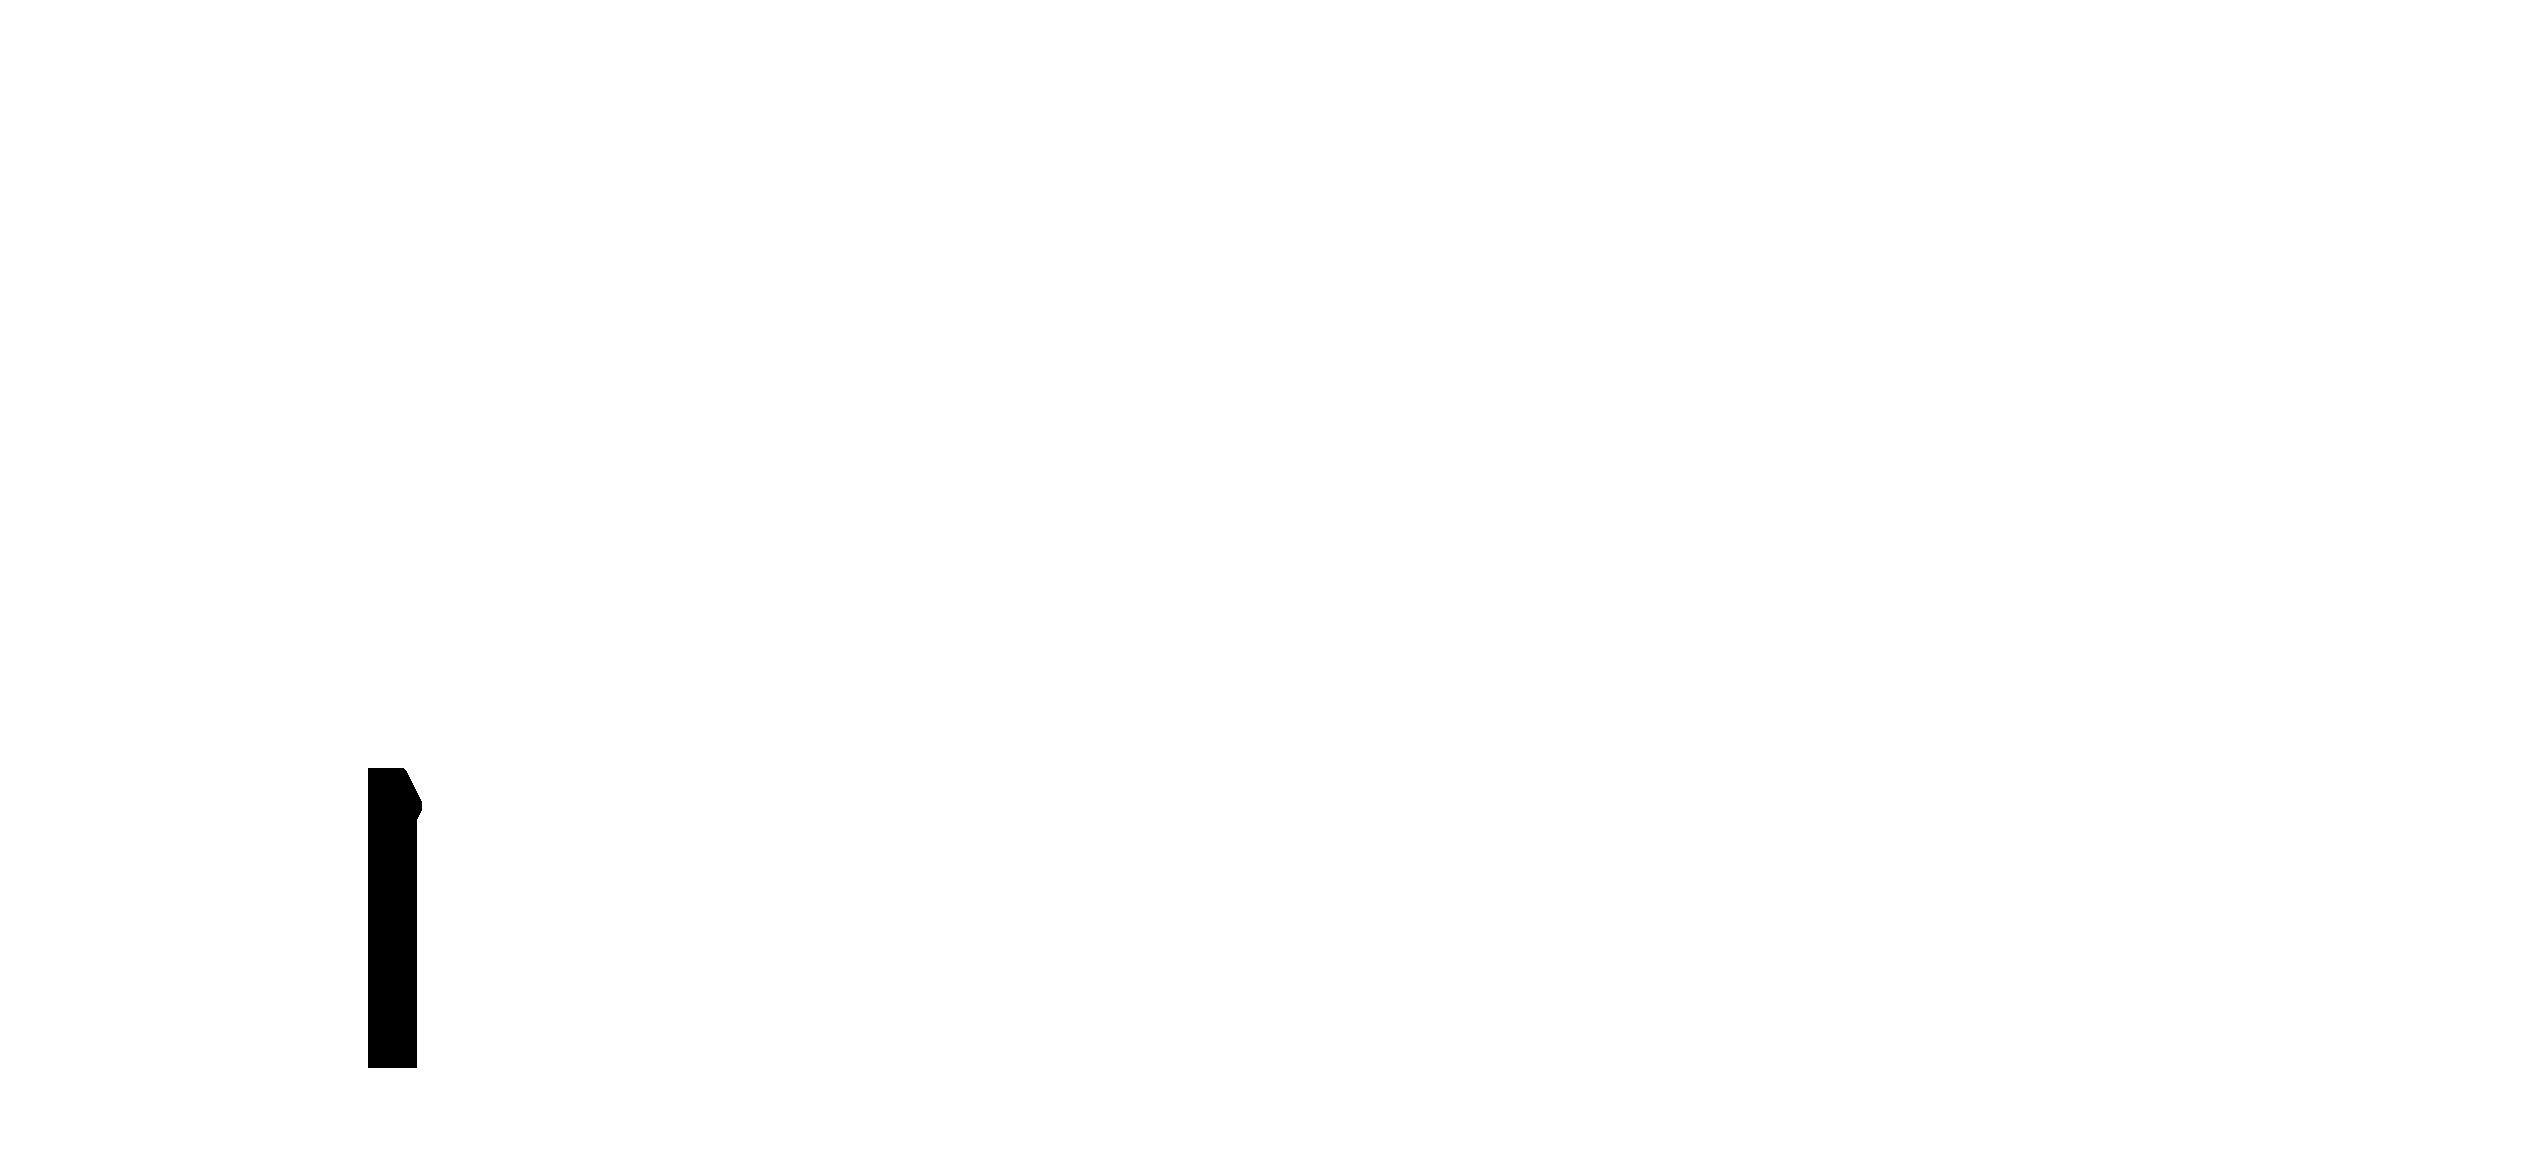 لوگوی کادرو